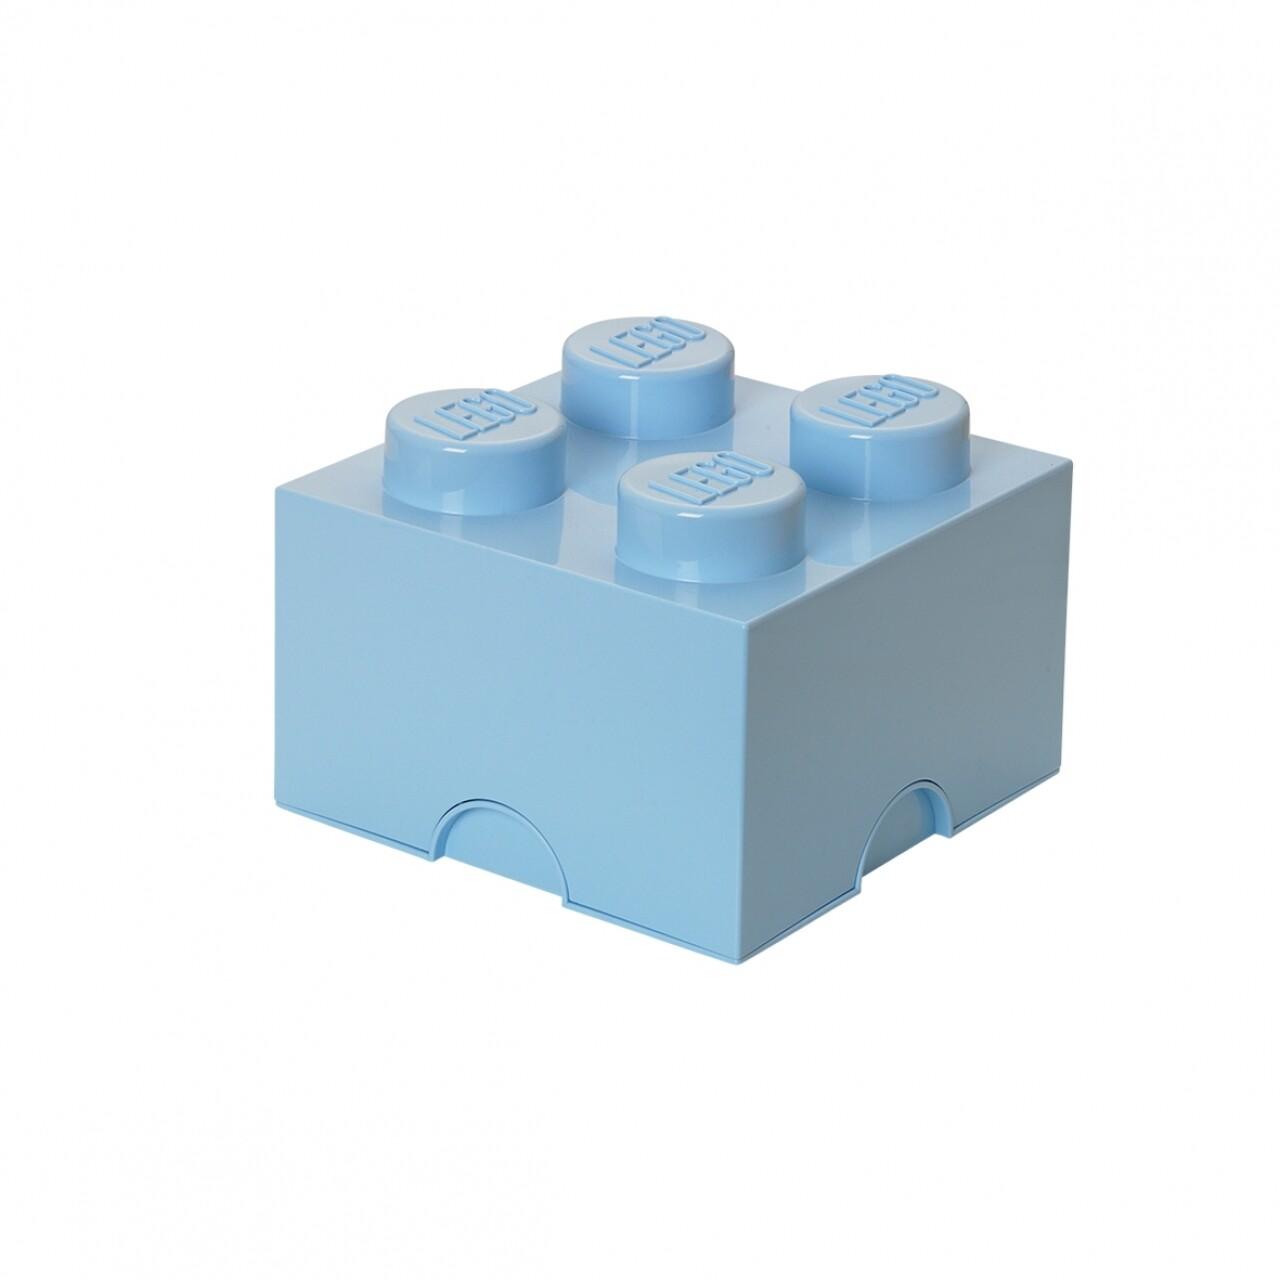 Cutie de depozitare LEGO, 5700 ml, polipropilena, albastru deschis